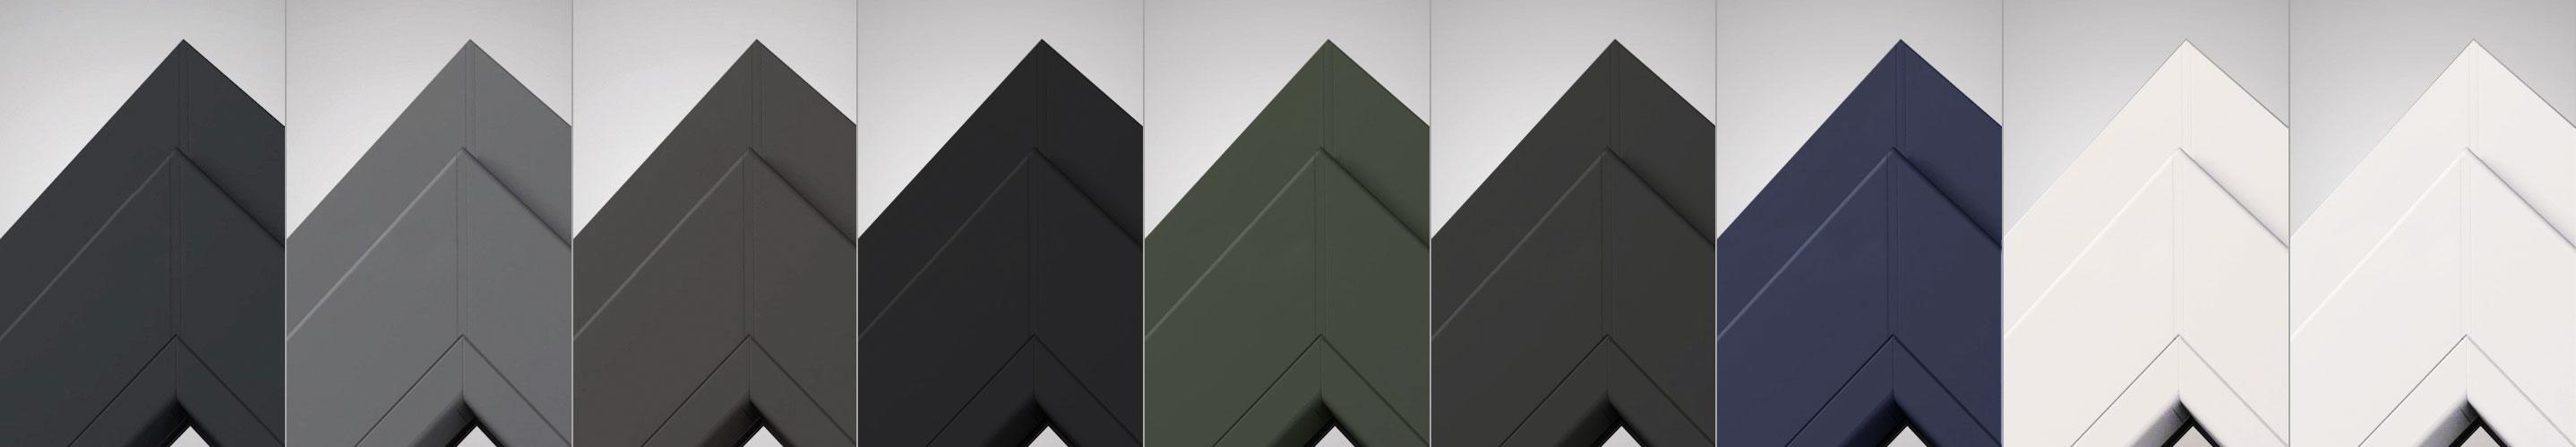 VEKA spectral: Dekorfolien für Fenster in matt